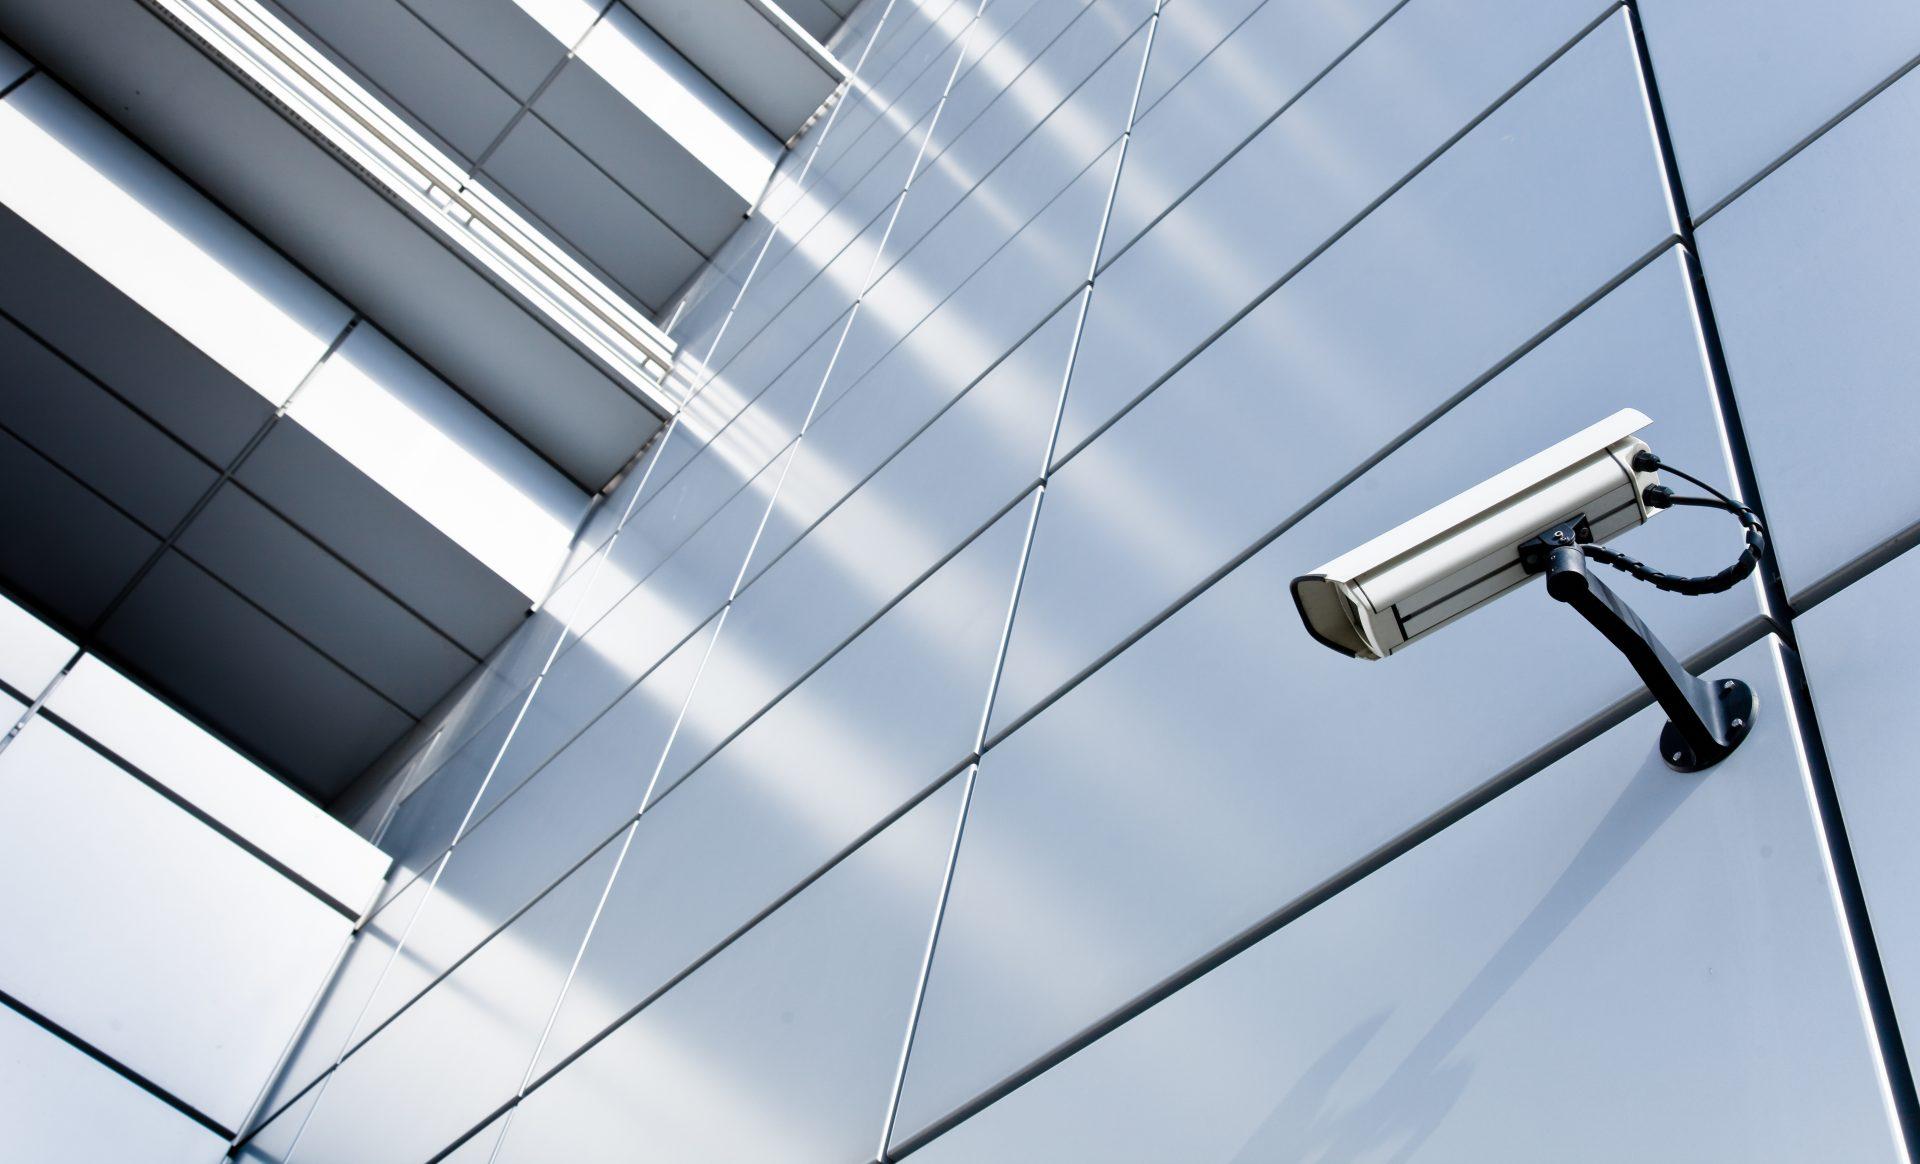 systèmes de vidéosurveillance